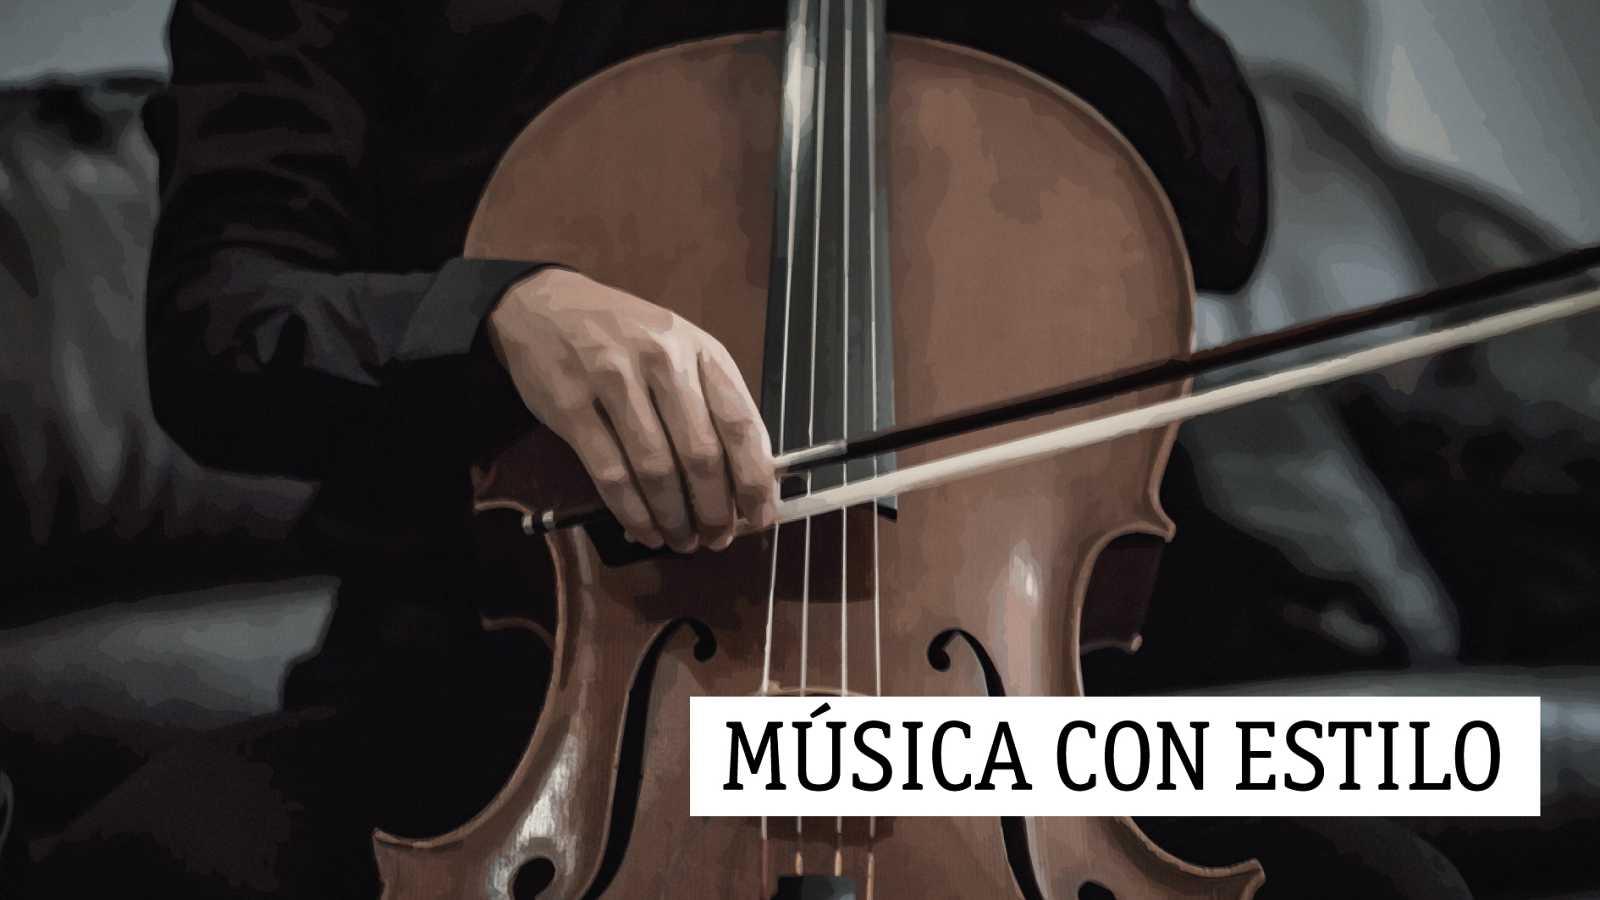 Música con estilo - Música y palabra en Tomás Luis de Victoria - 14/07/19 - escuchar ahora